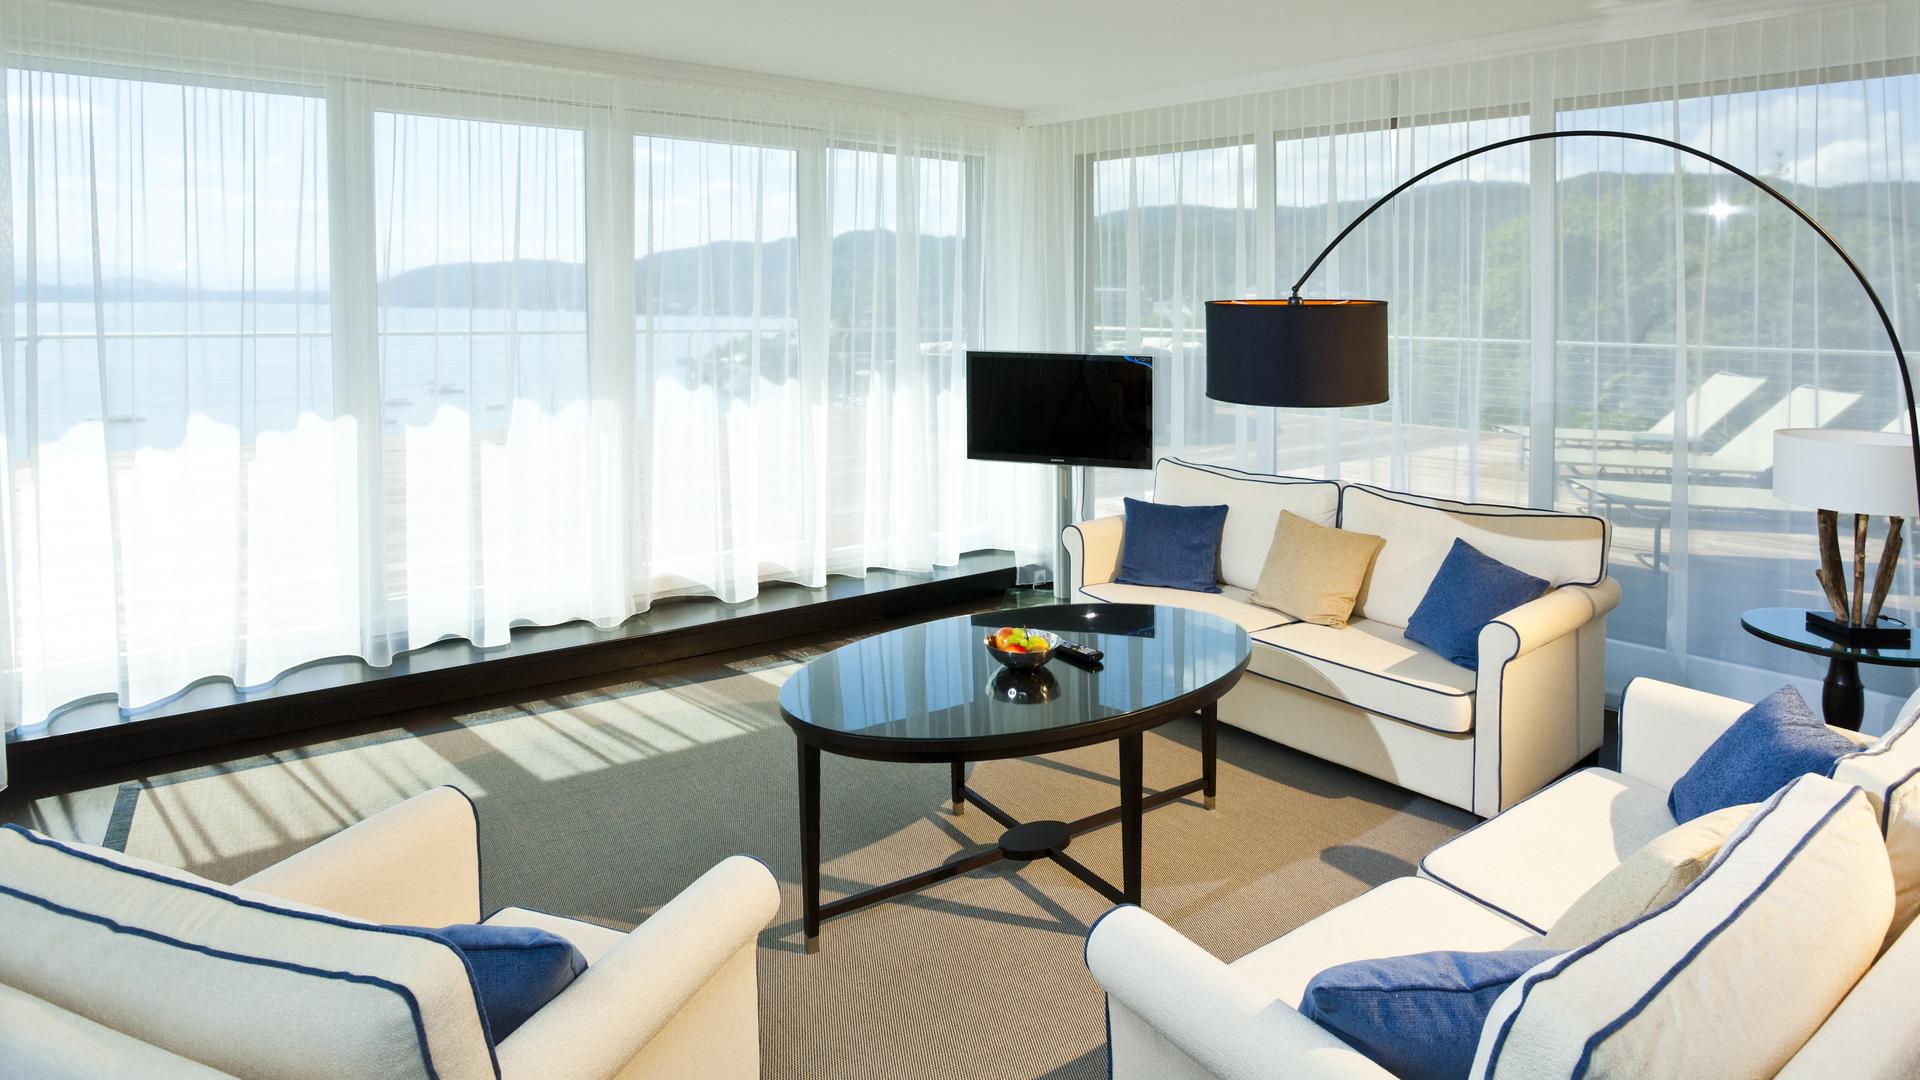 Living Room Architecture Design